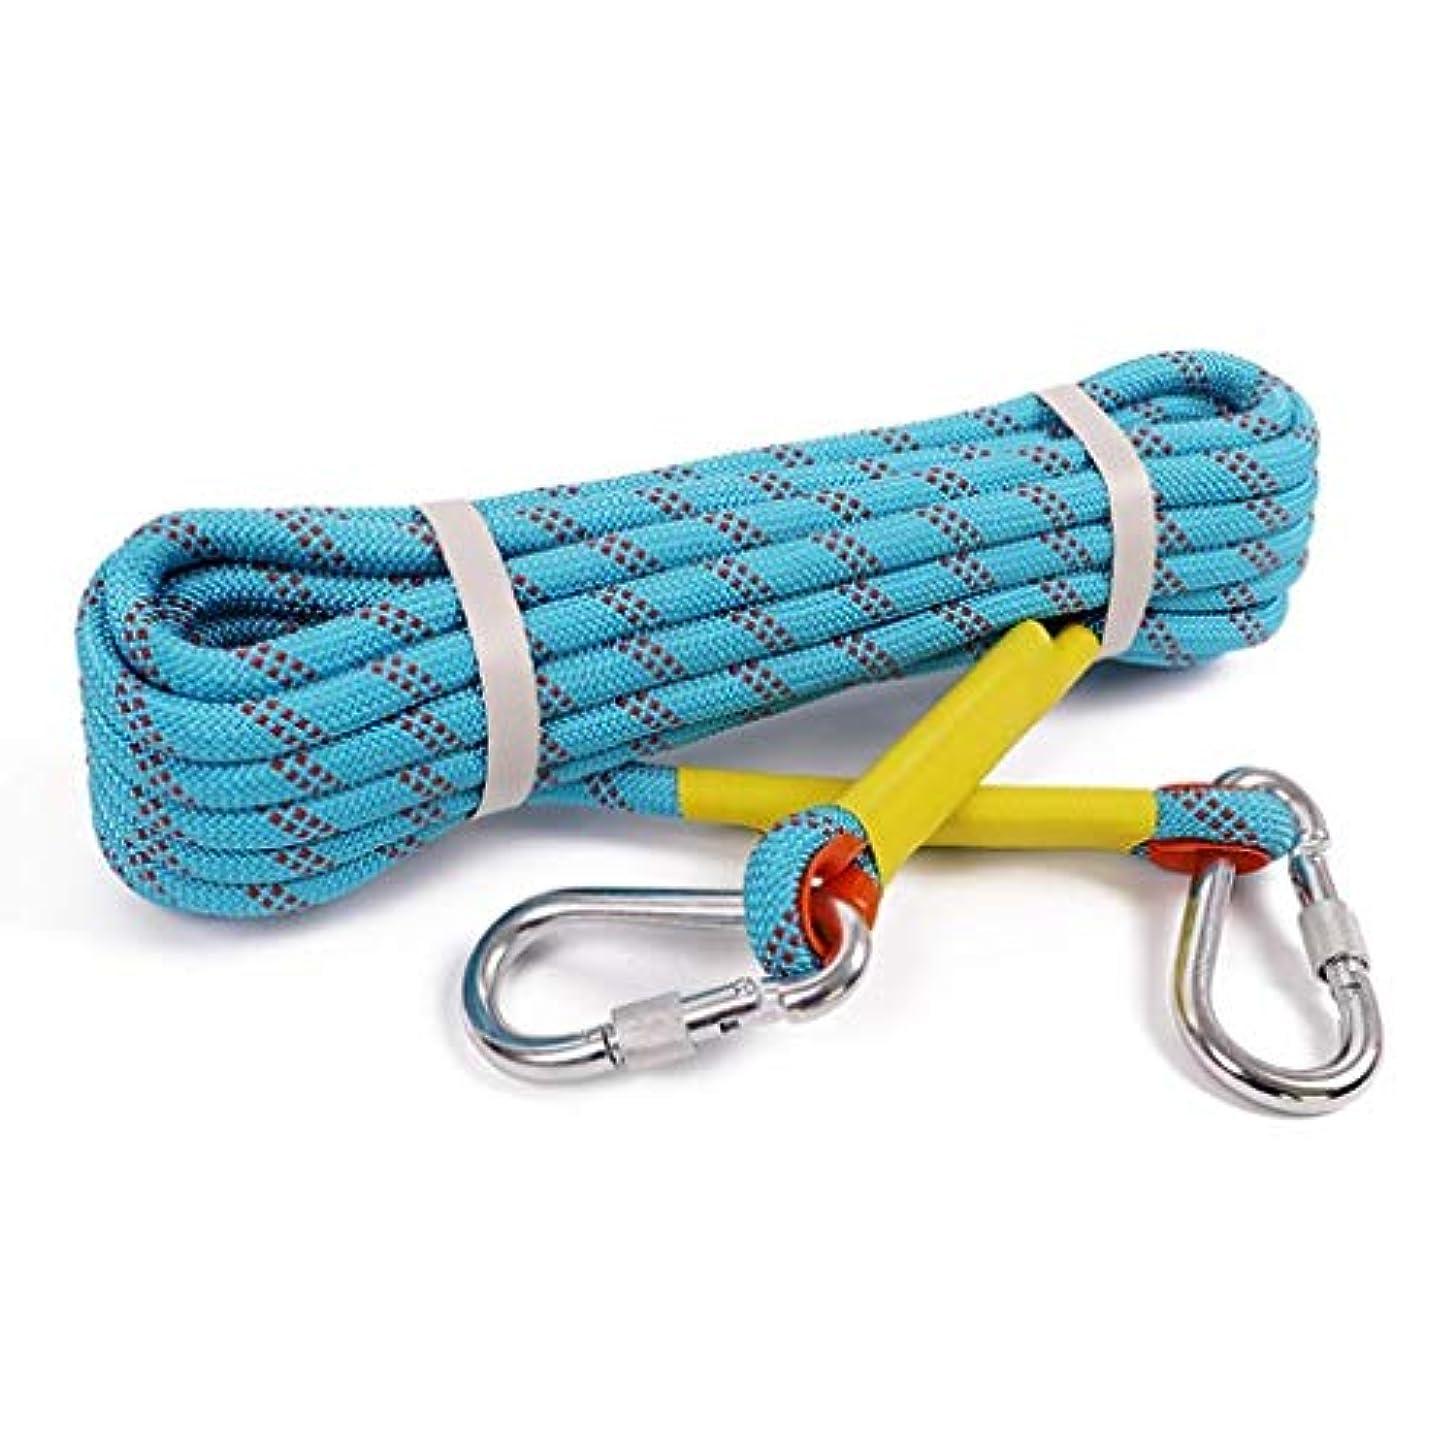 ポータル滅多チャート登山ロープの家の火の緊急脱出ロープ、ハイキングの洞窟探検のキャンプの救助調査および工学保護のための多機能のコードの安全ロープ。 (Color : 青, Size : 10m*8mm)